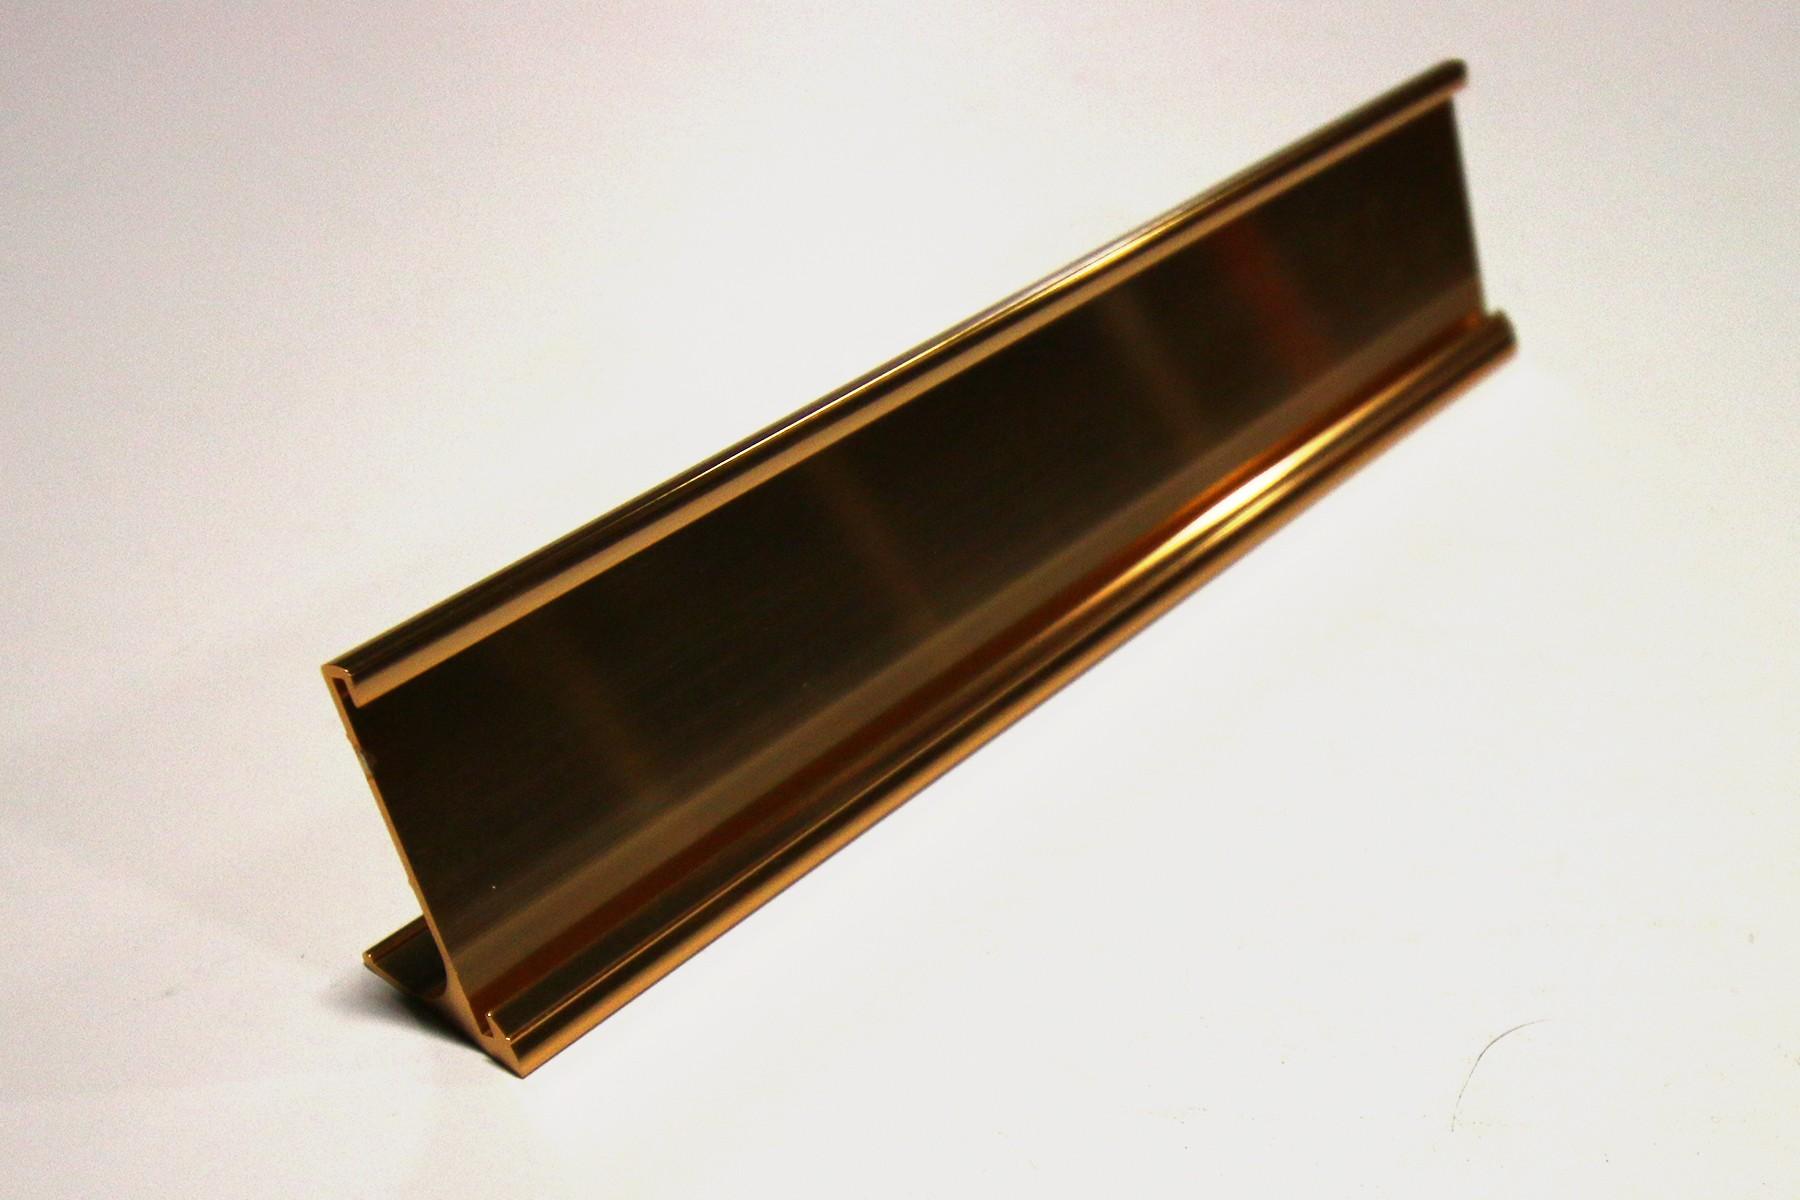 1-1/2 x 8 Desk Holder, Gold